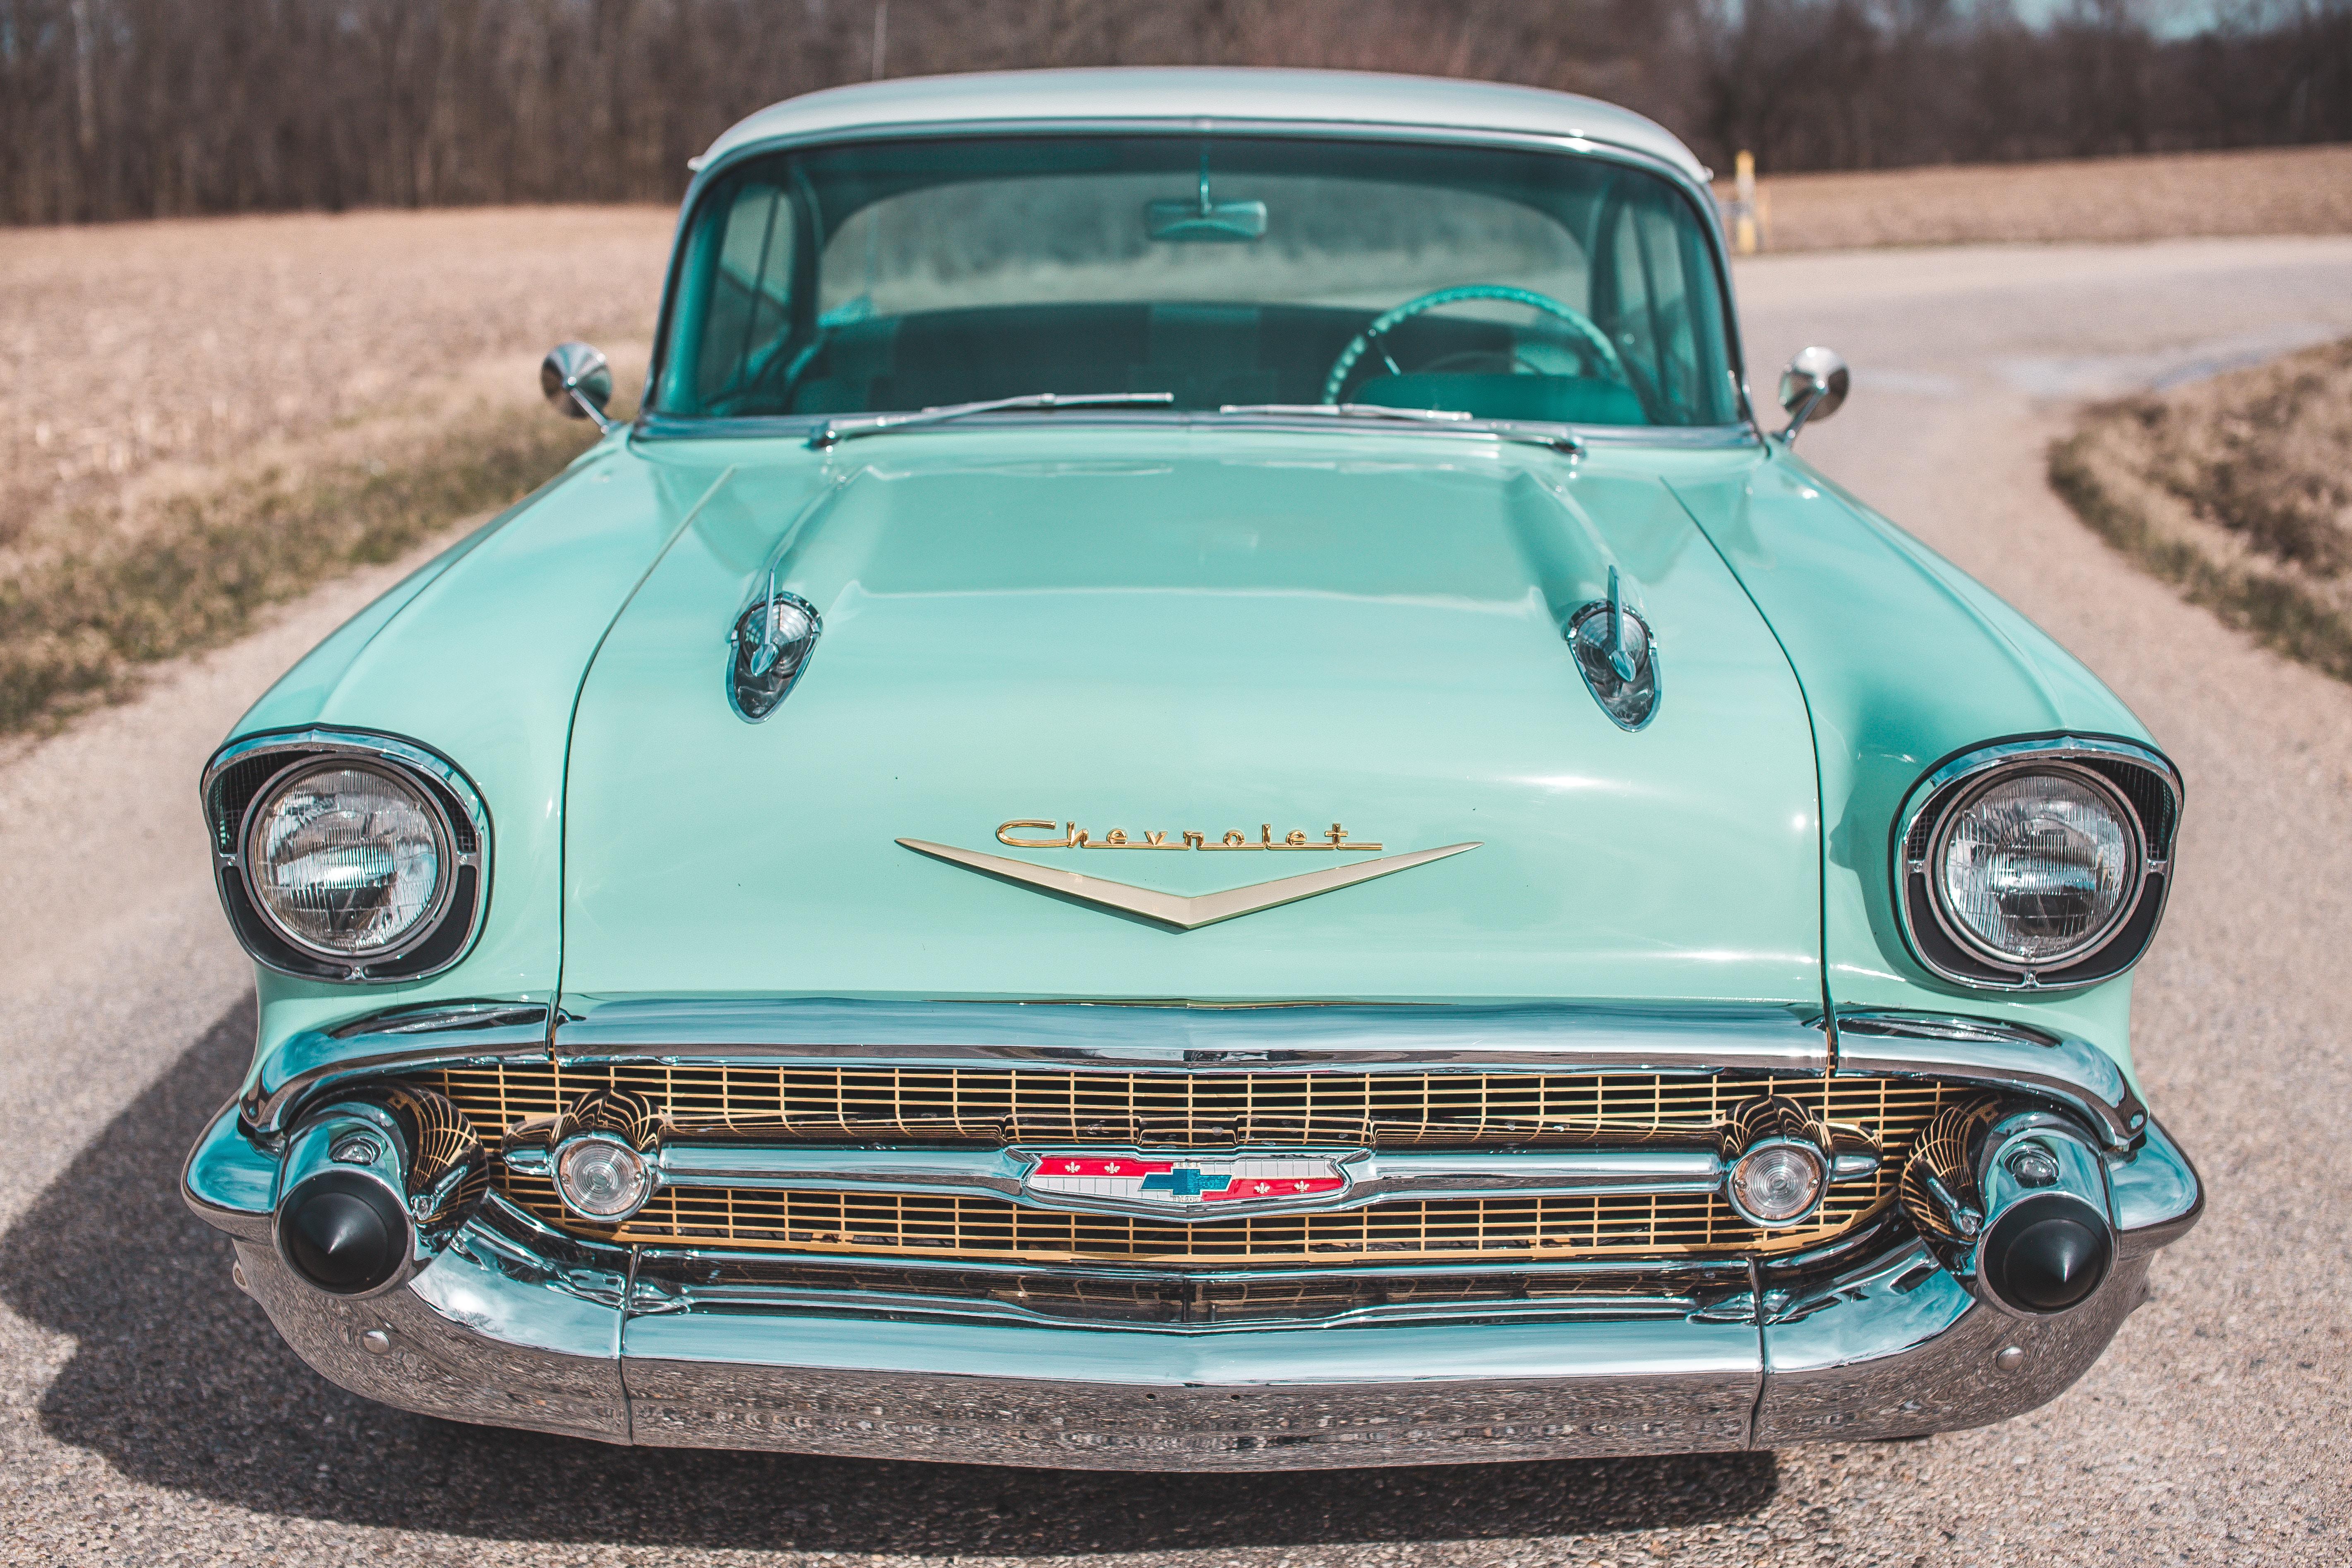 Vintage Teal Chevrolet